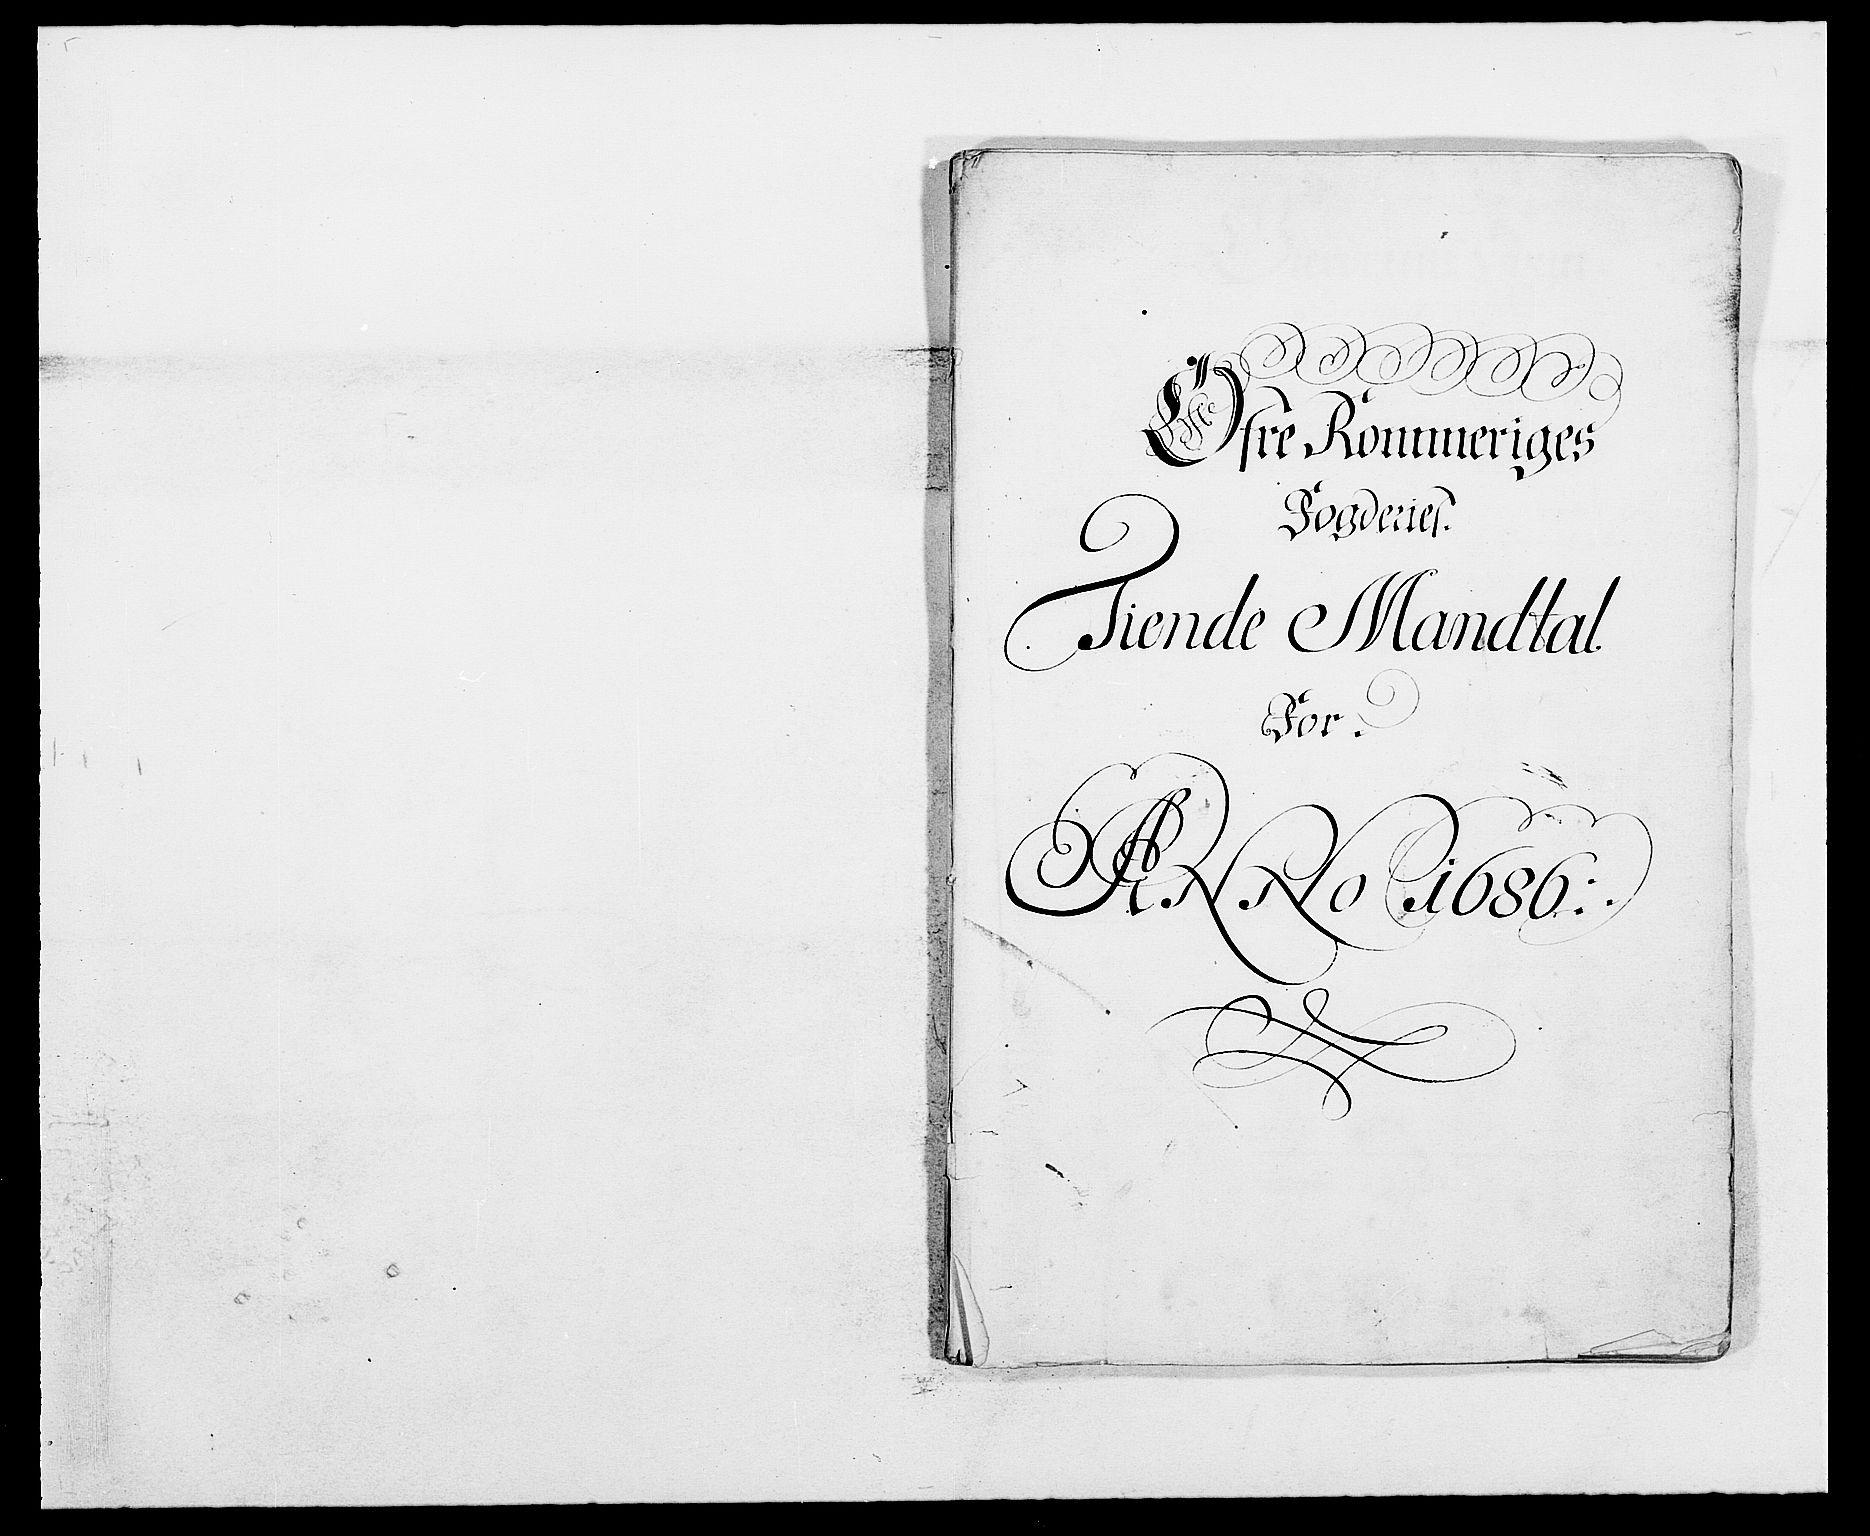 RA, Rentekammeret inntil 1814, Reviderte regnskaper, Fogderegnskap, R12/L0699: Fogderegnskap Øvre Romerike, 1685-1686, s. 173